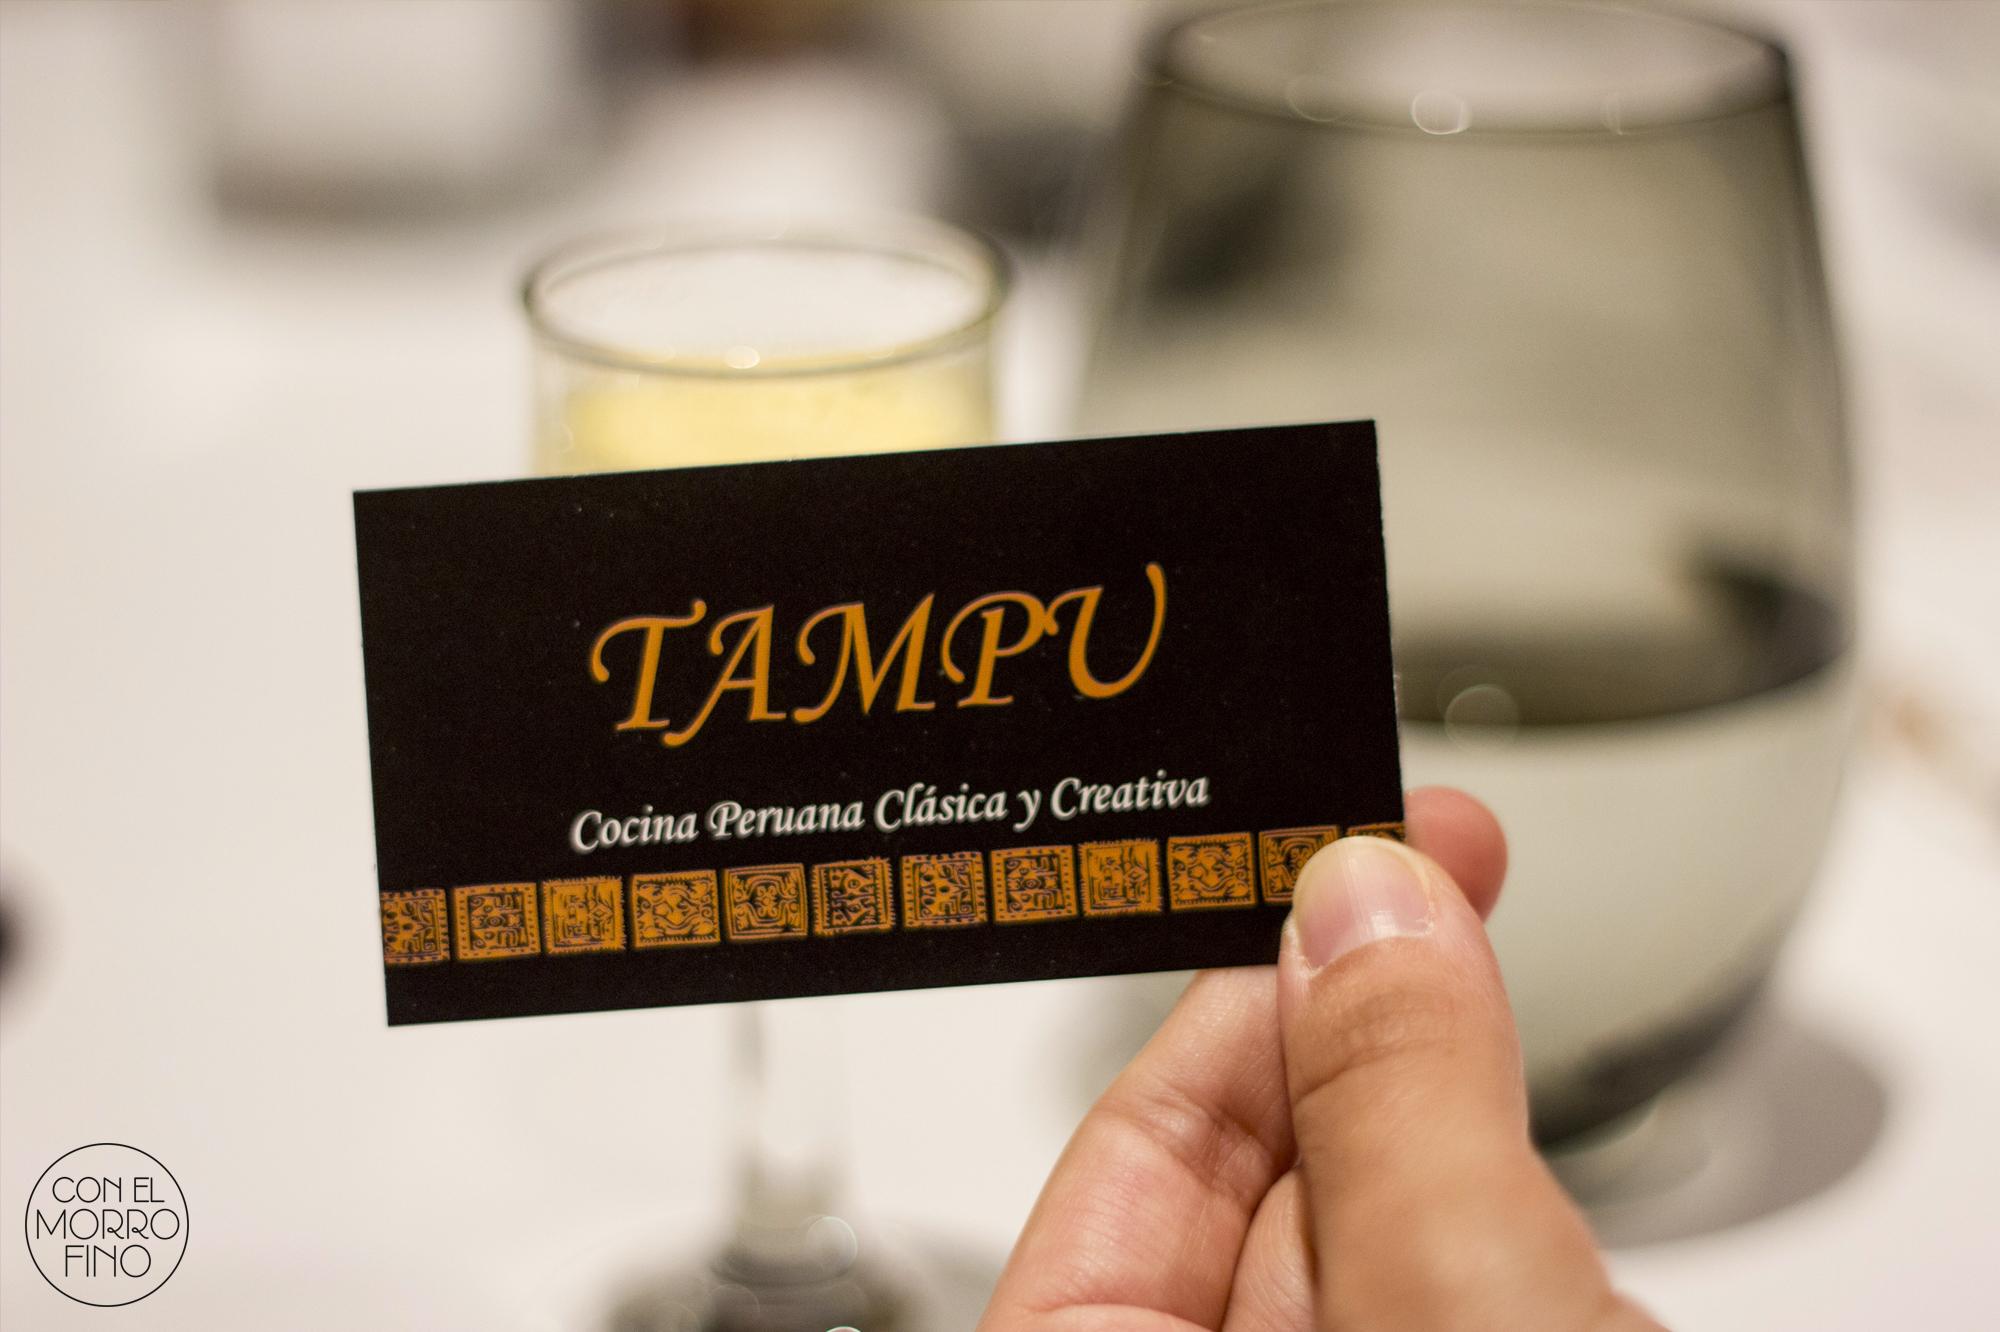 Tampu17